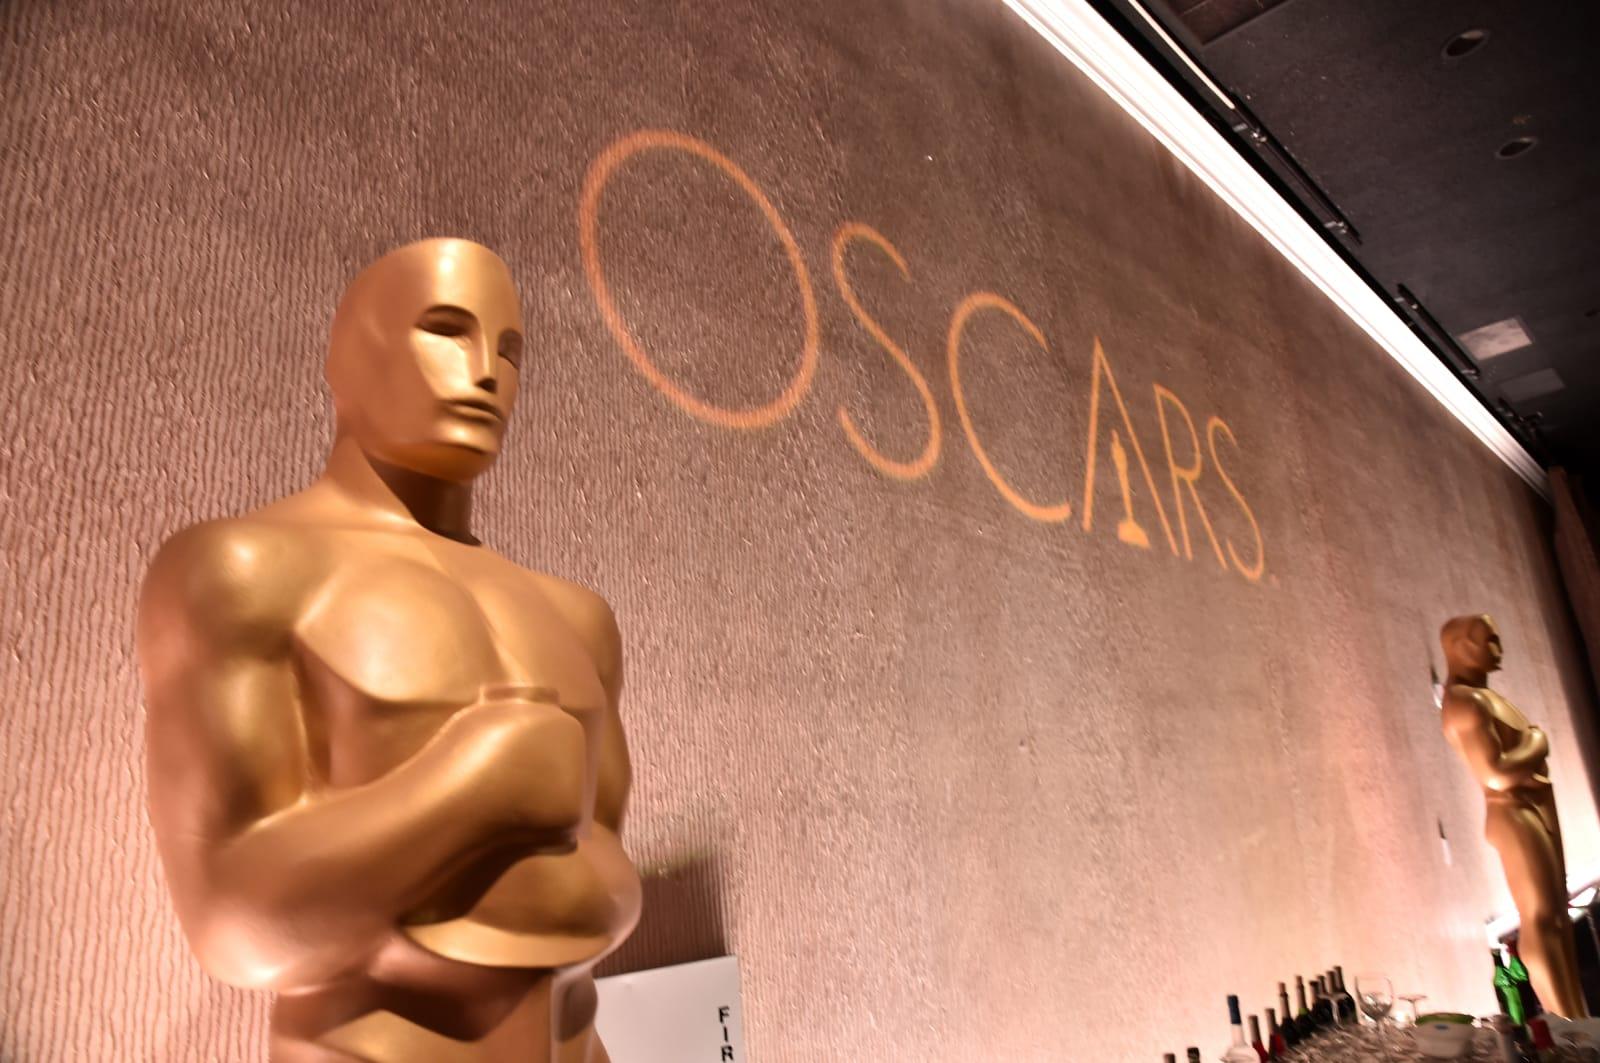 Netflix's 'Mudbound' receives four Oscar nominations